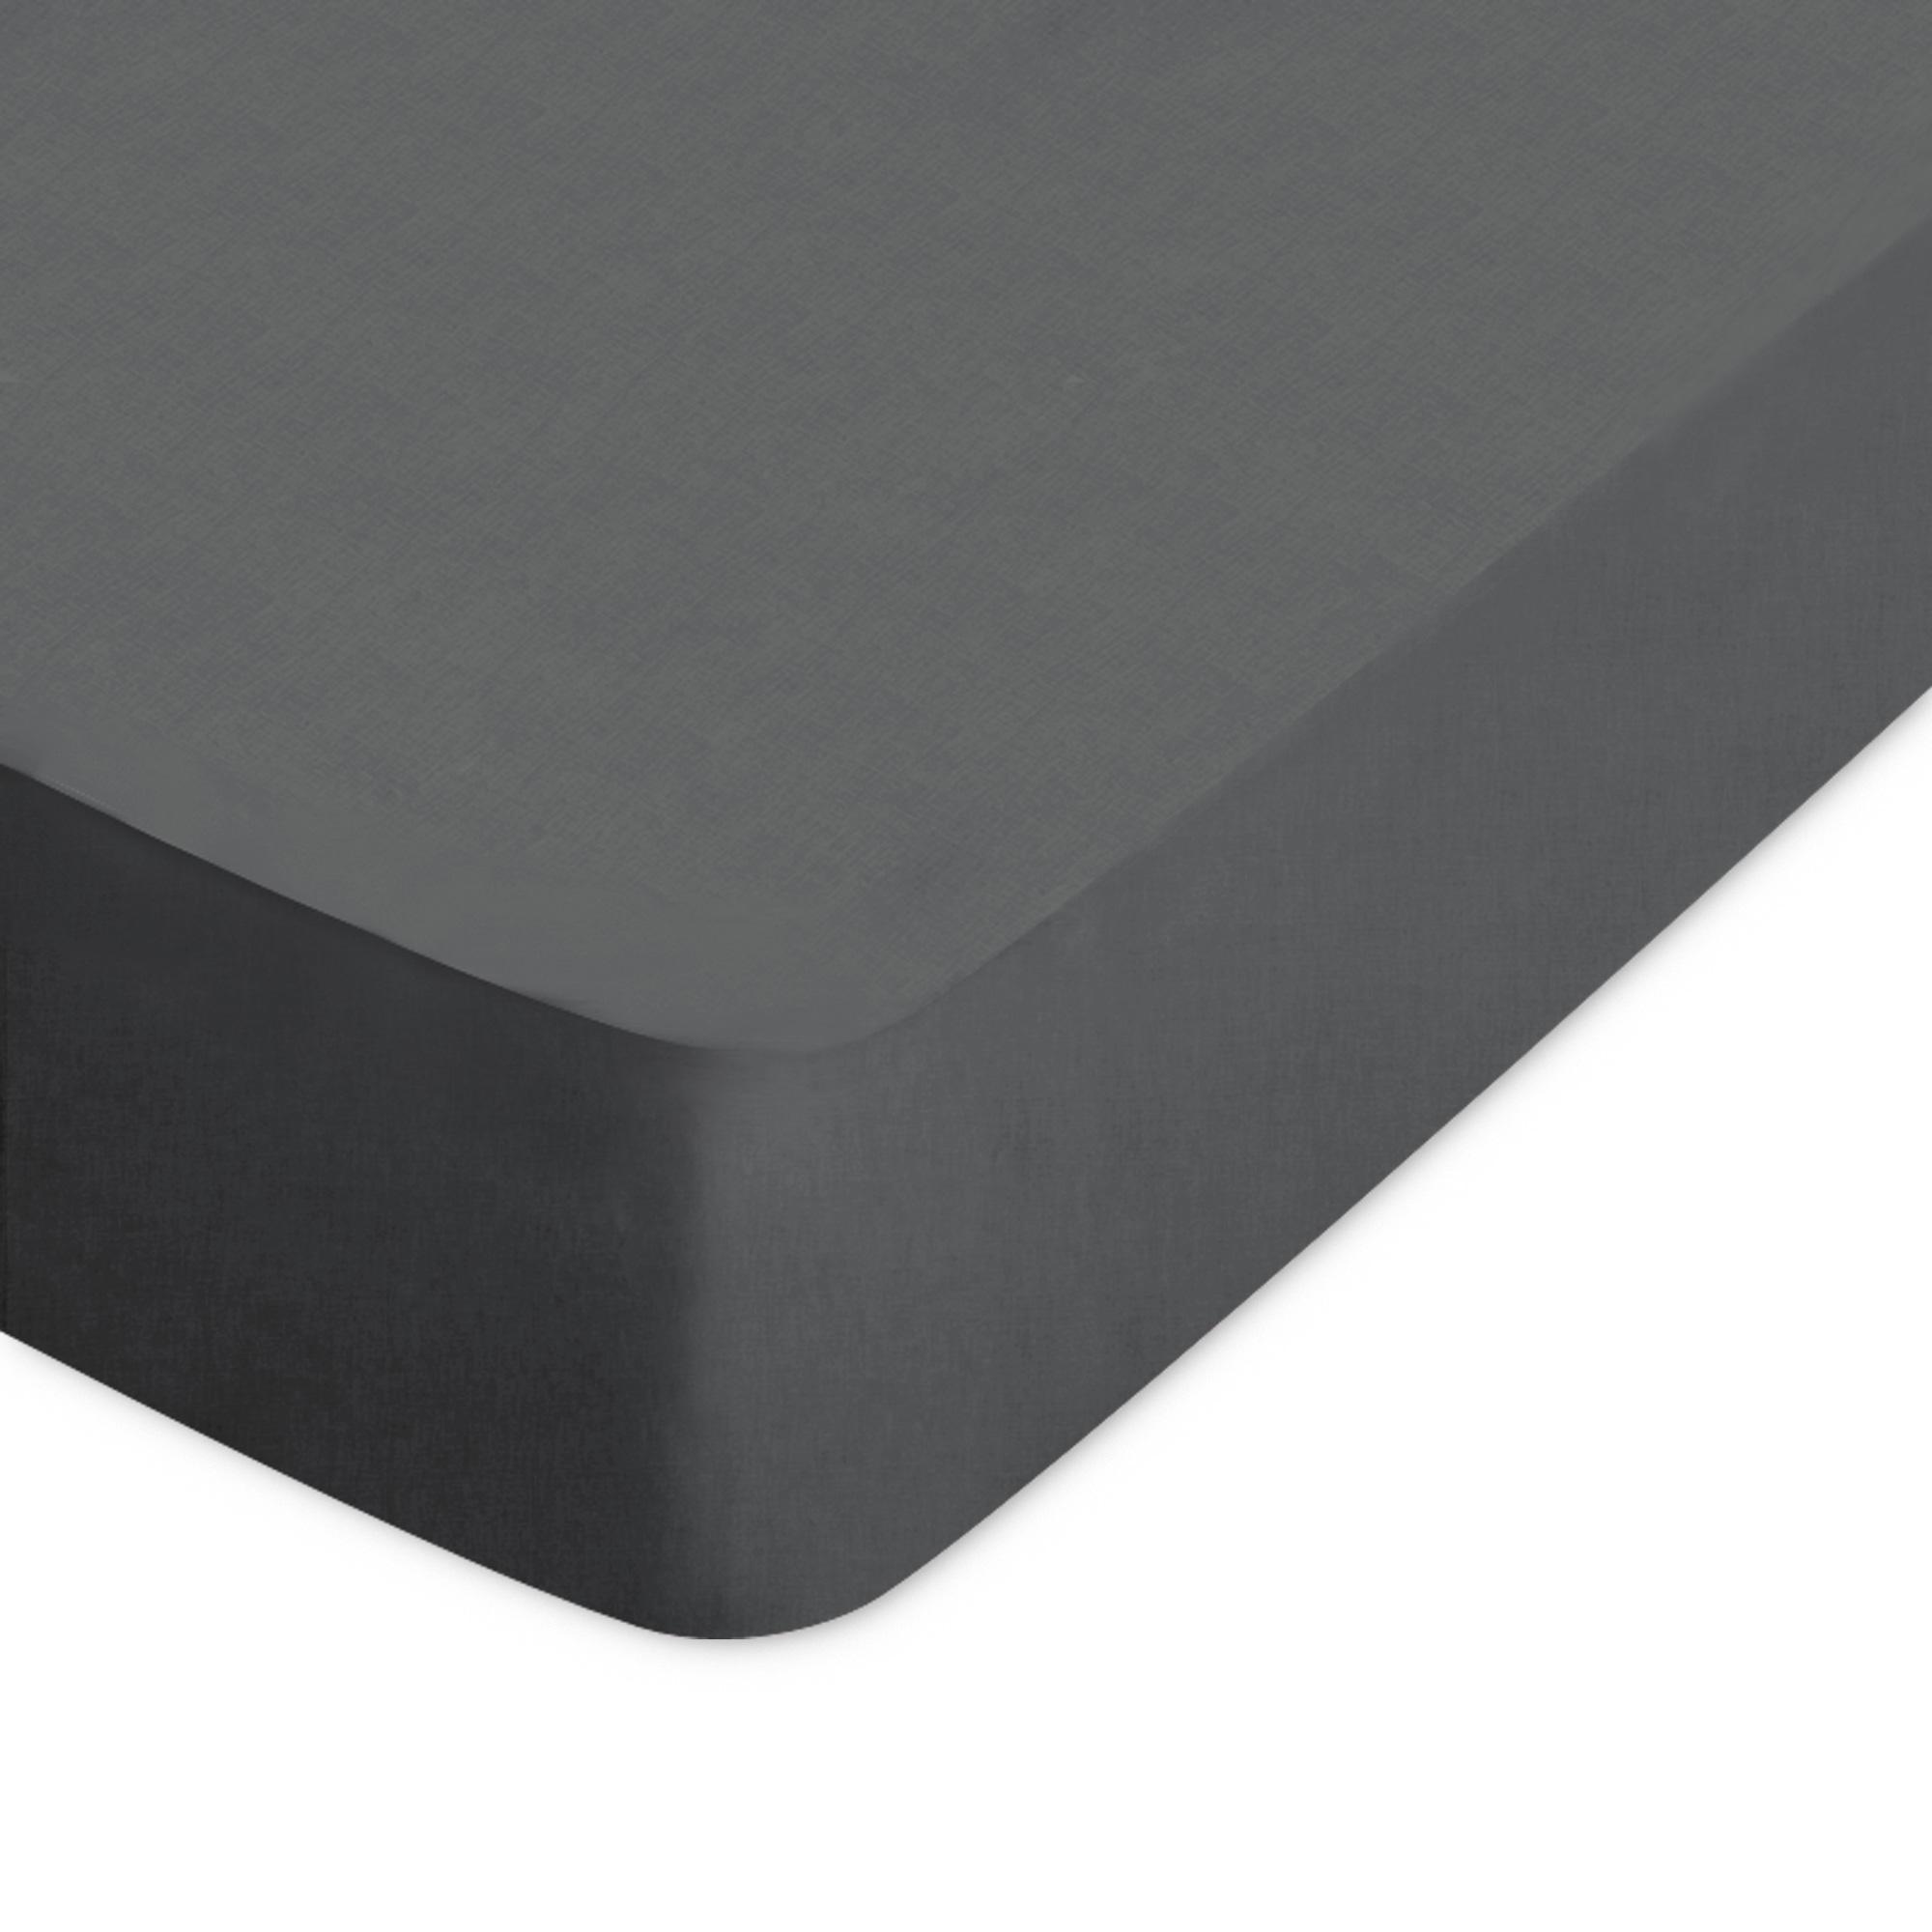 Drap housse 80x200cm uni pur coton alto gris manhattan - Drap housse 80 x 200 ...